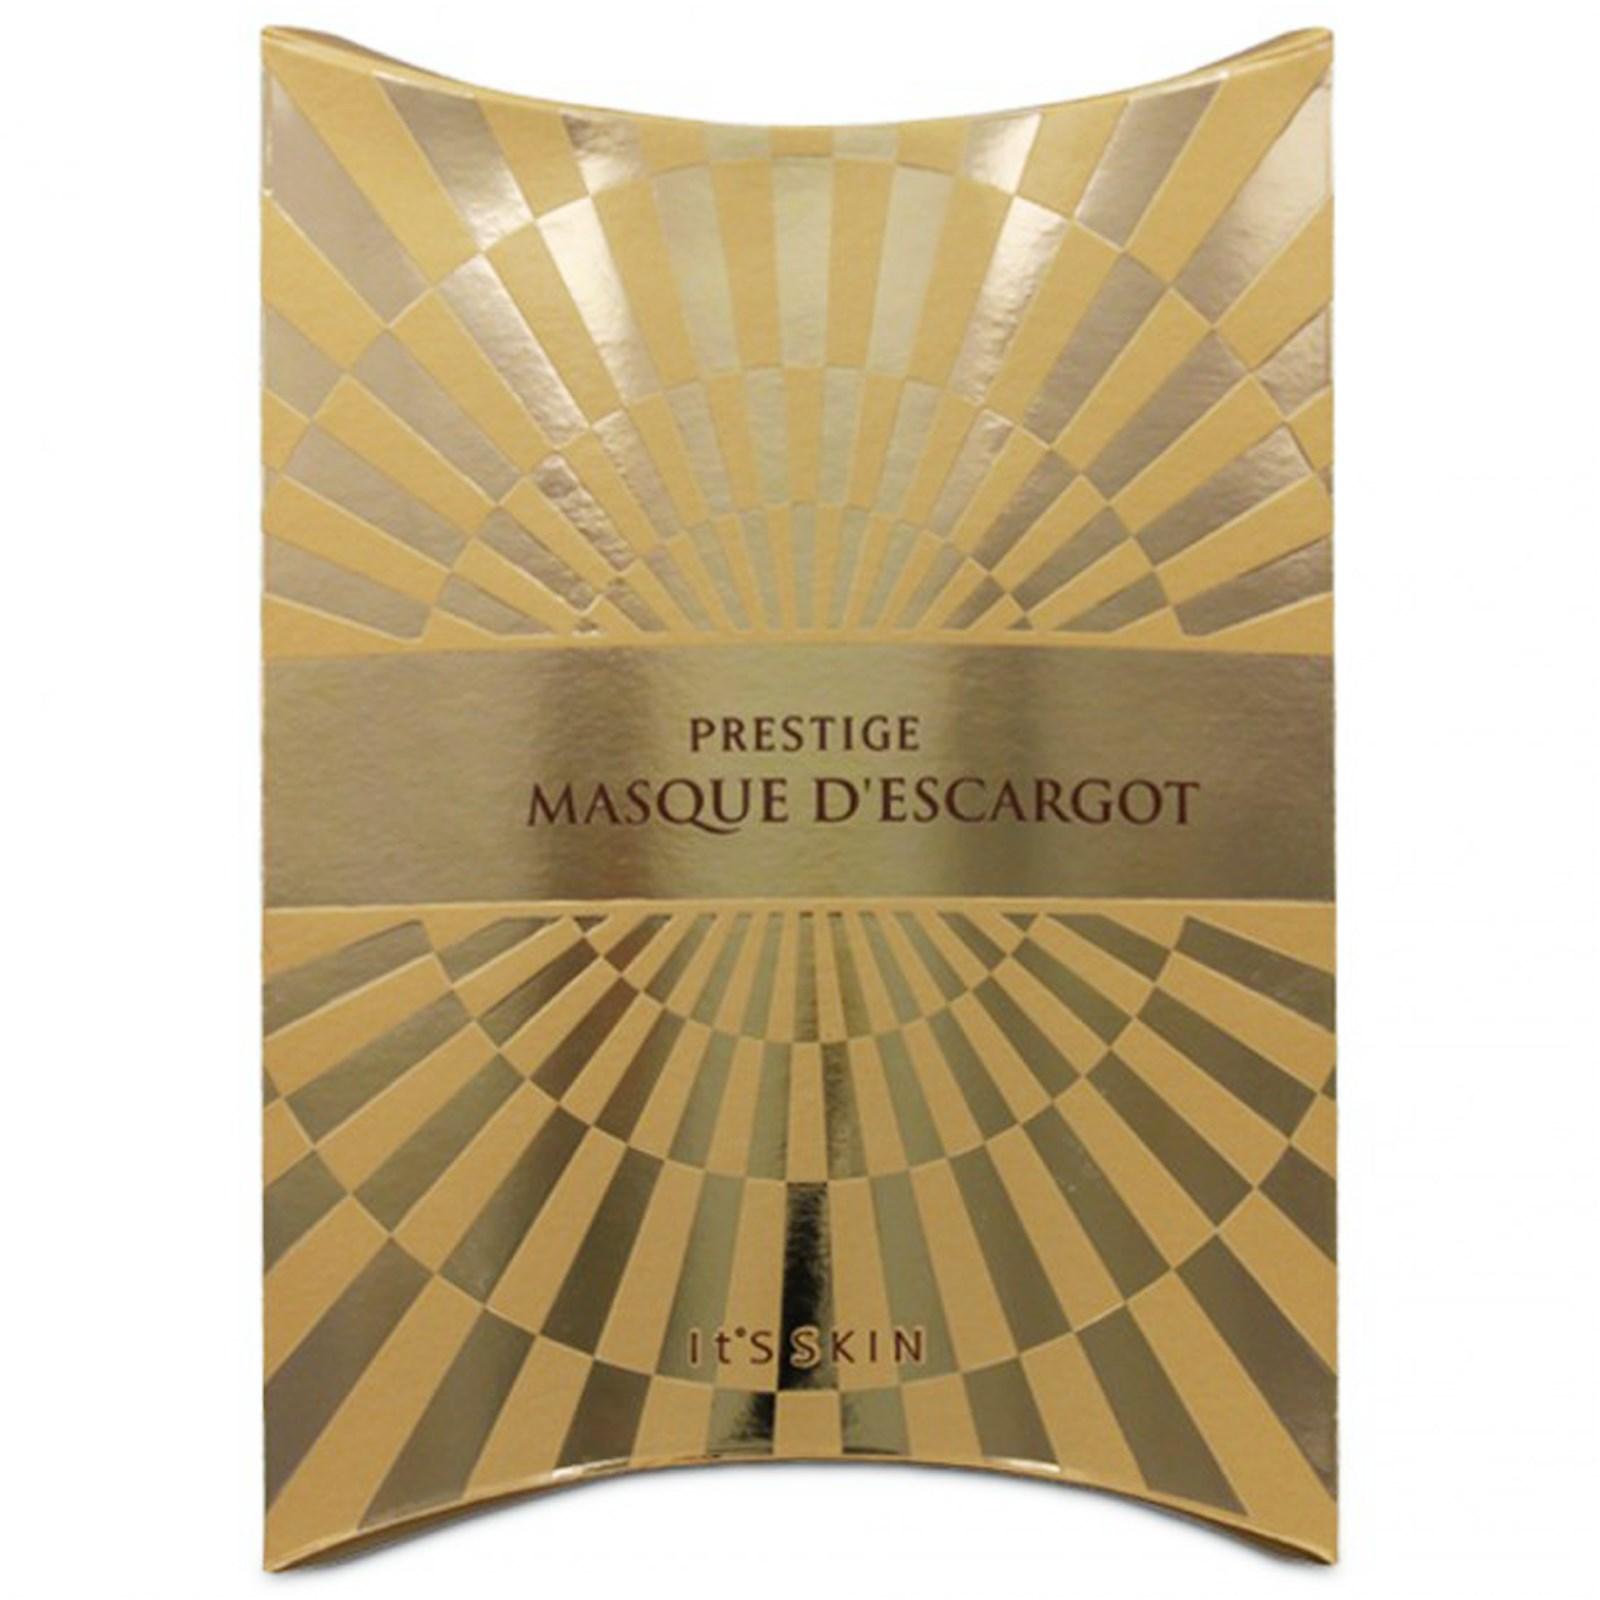 It's Skin, Улиточная маска для глаз «Престиж», 5 шт. в упаковке, по 25 г каждая